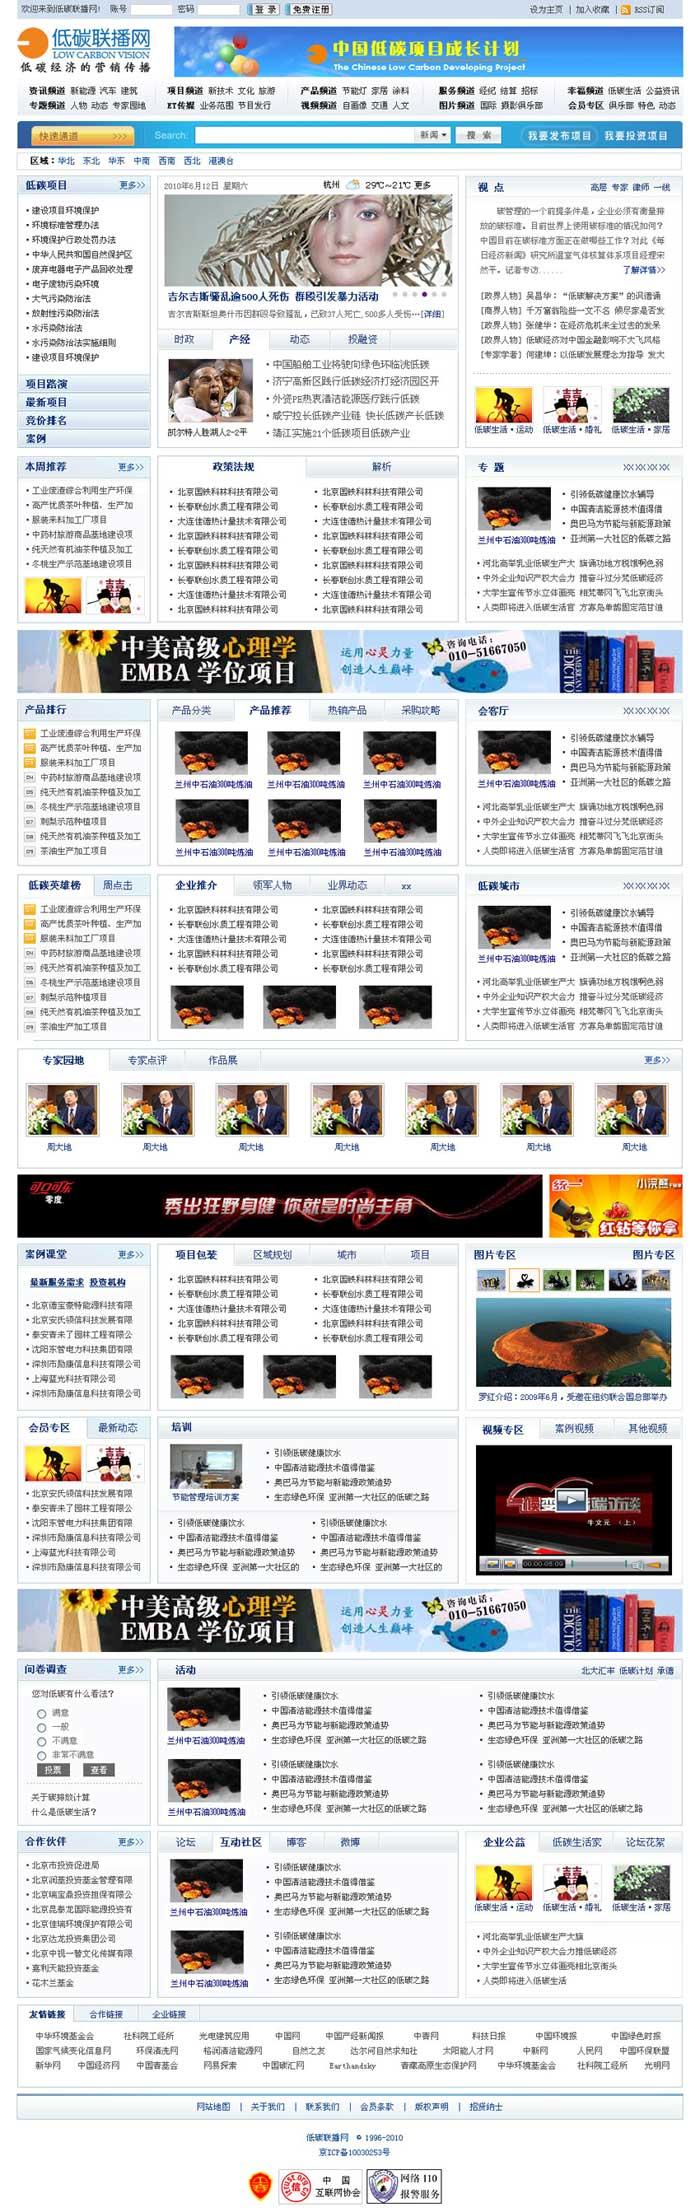 国内资讯_国内新闻资讯门户模板 - 素材火